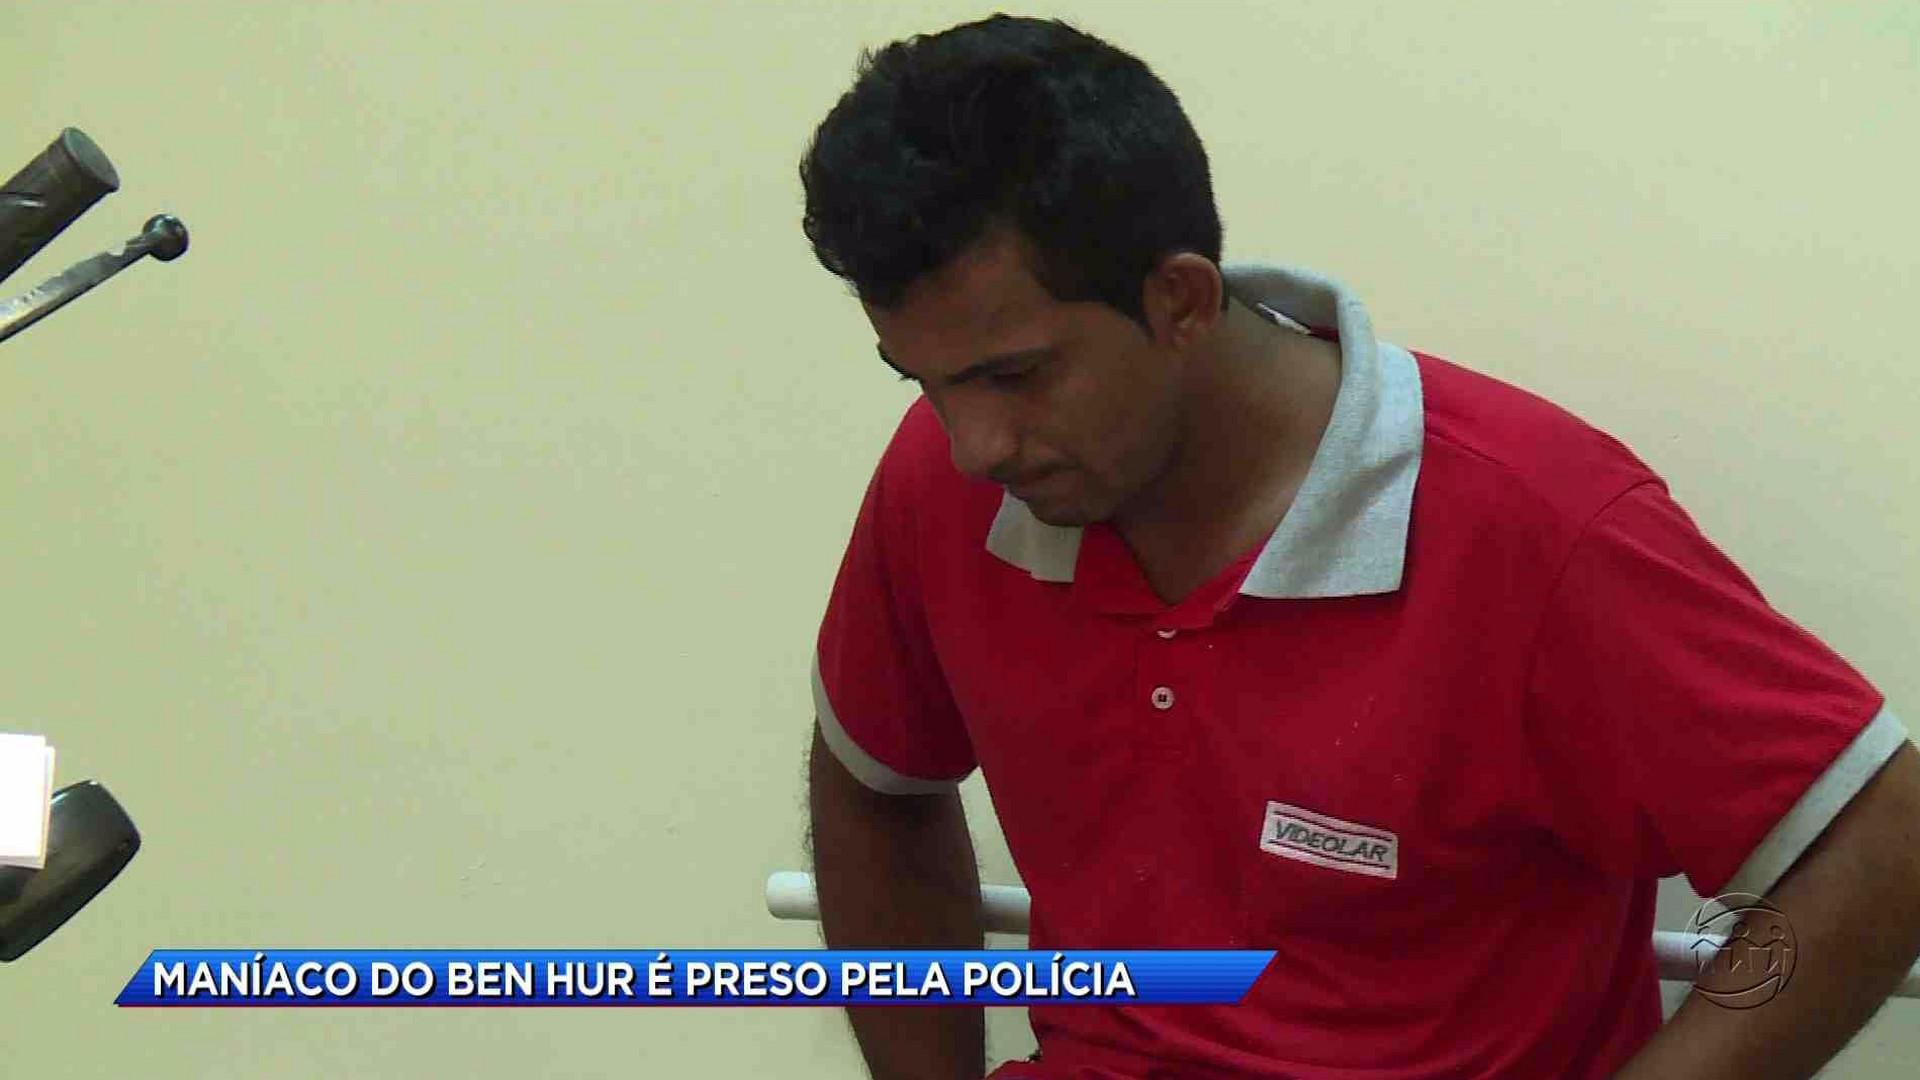 MANÍACO DO BEN HUR É PRESO NO CAREIRO DA VÁRZEA - Cidade Alerta Manaus 17/10/17